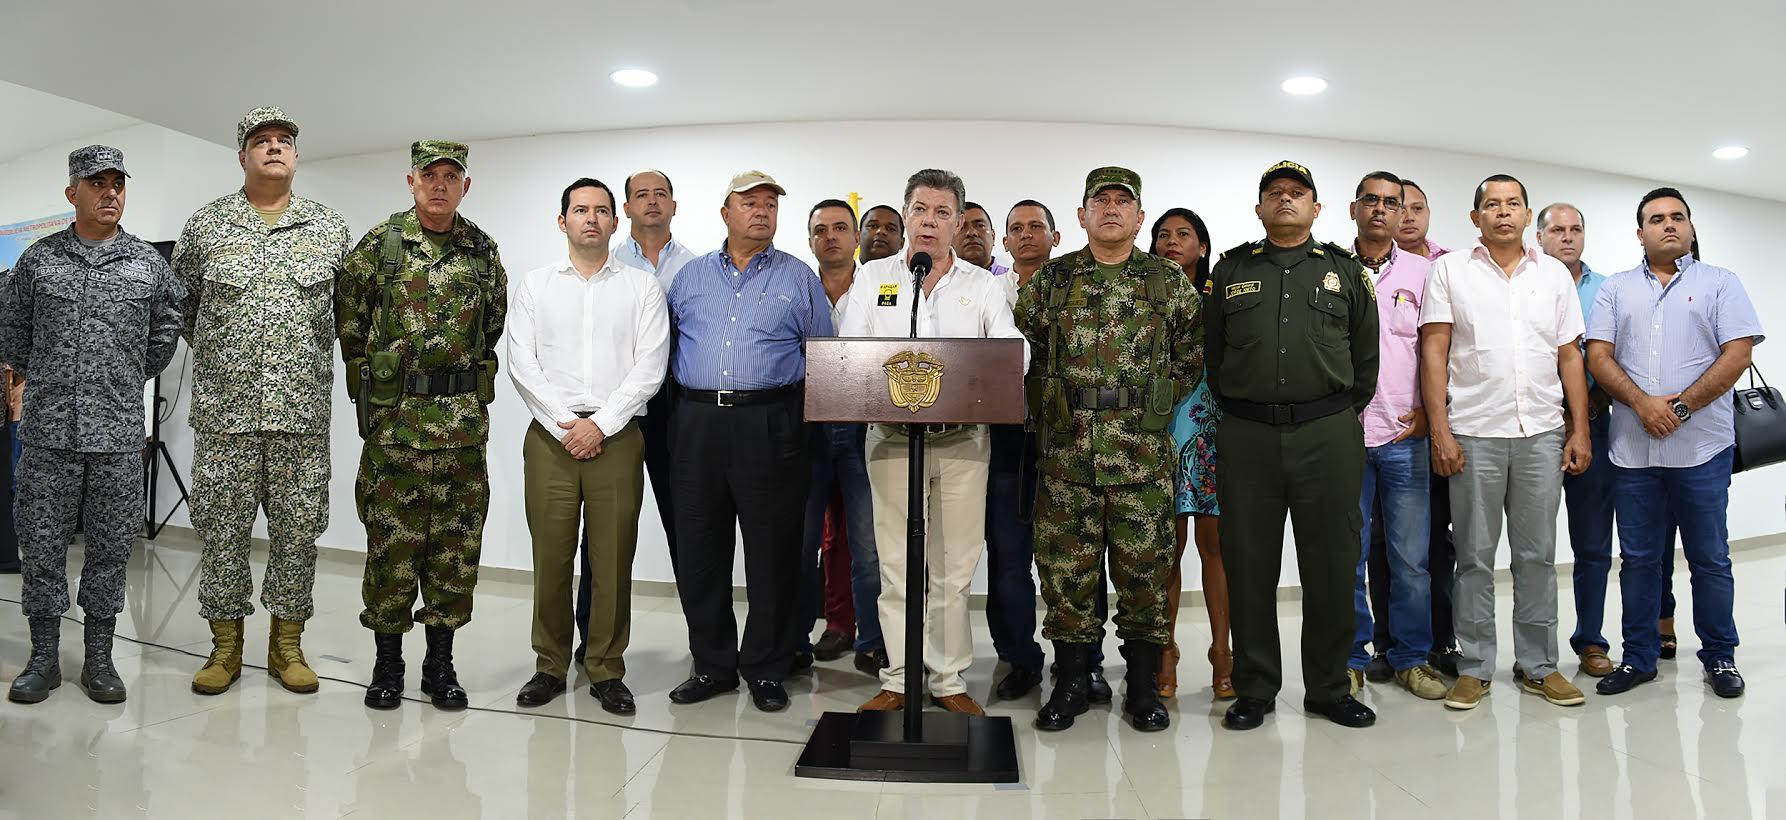 Declaraciones presidente Santos